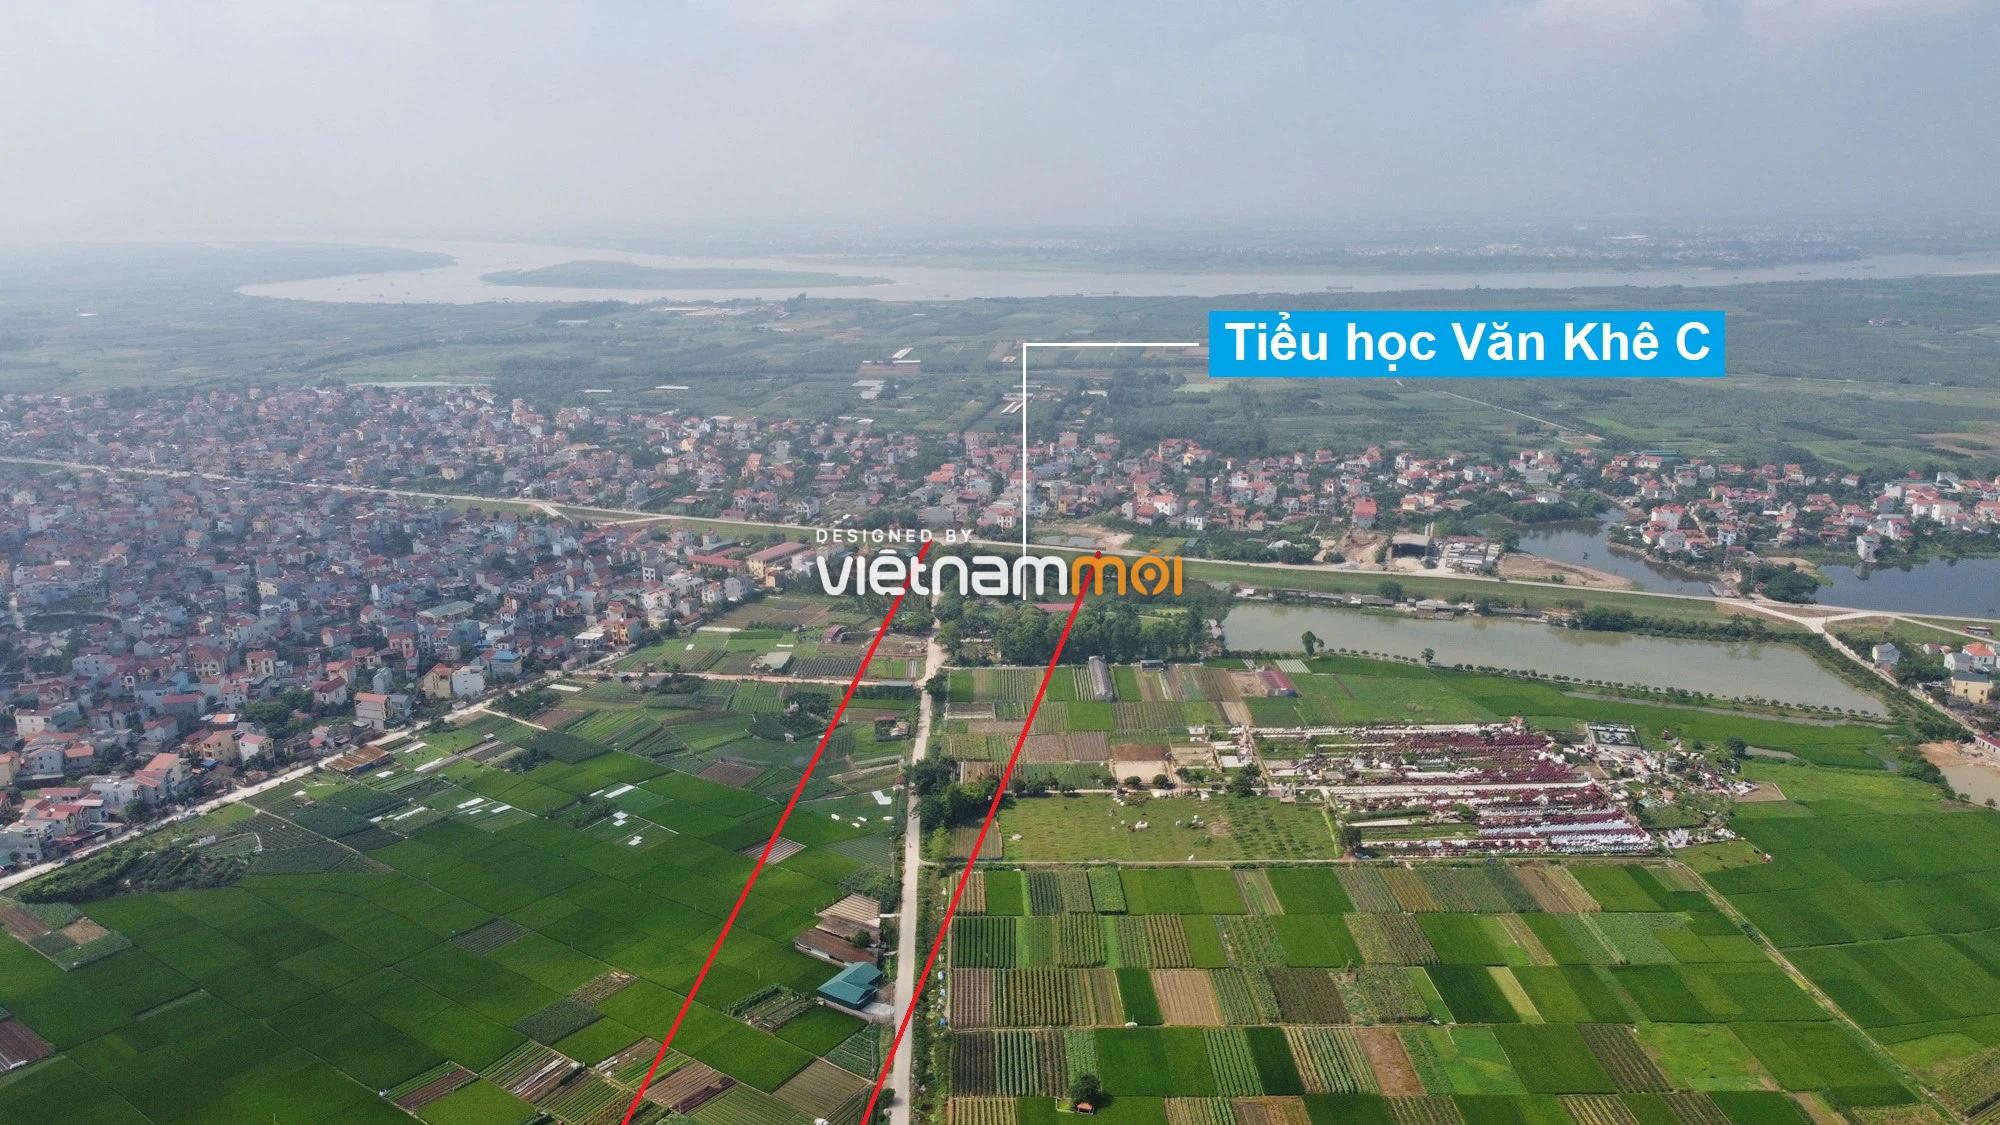 Đường Vành đai 4 sẽ mở theo quy hoạch qua huyện Mê Linh, Hà Nội - Ảnh 1.